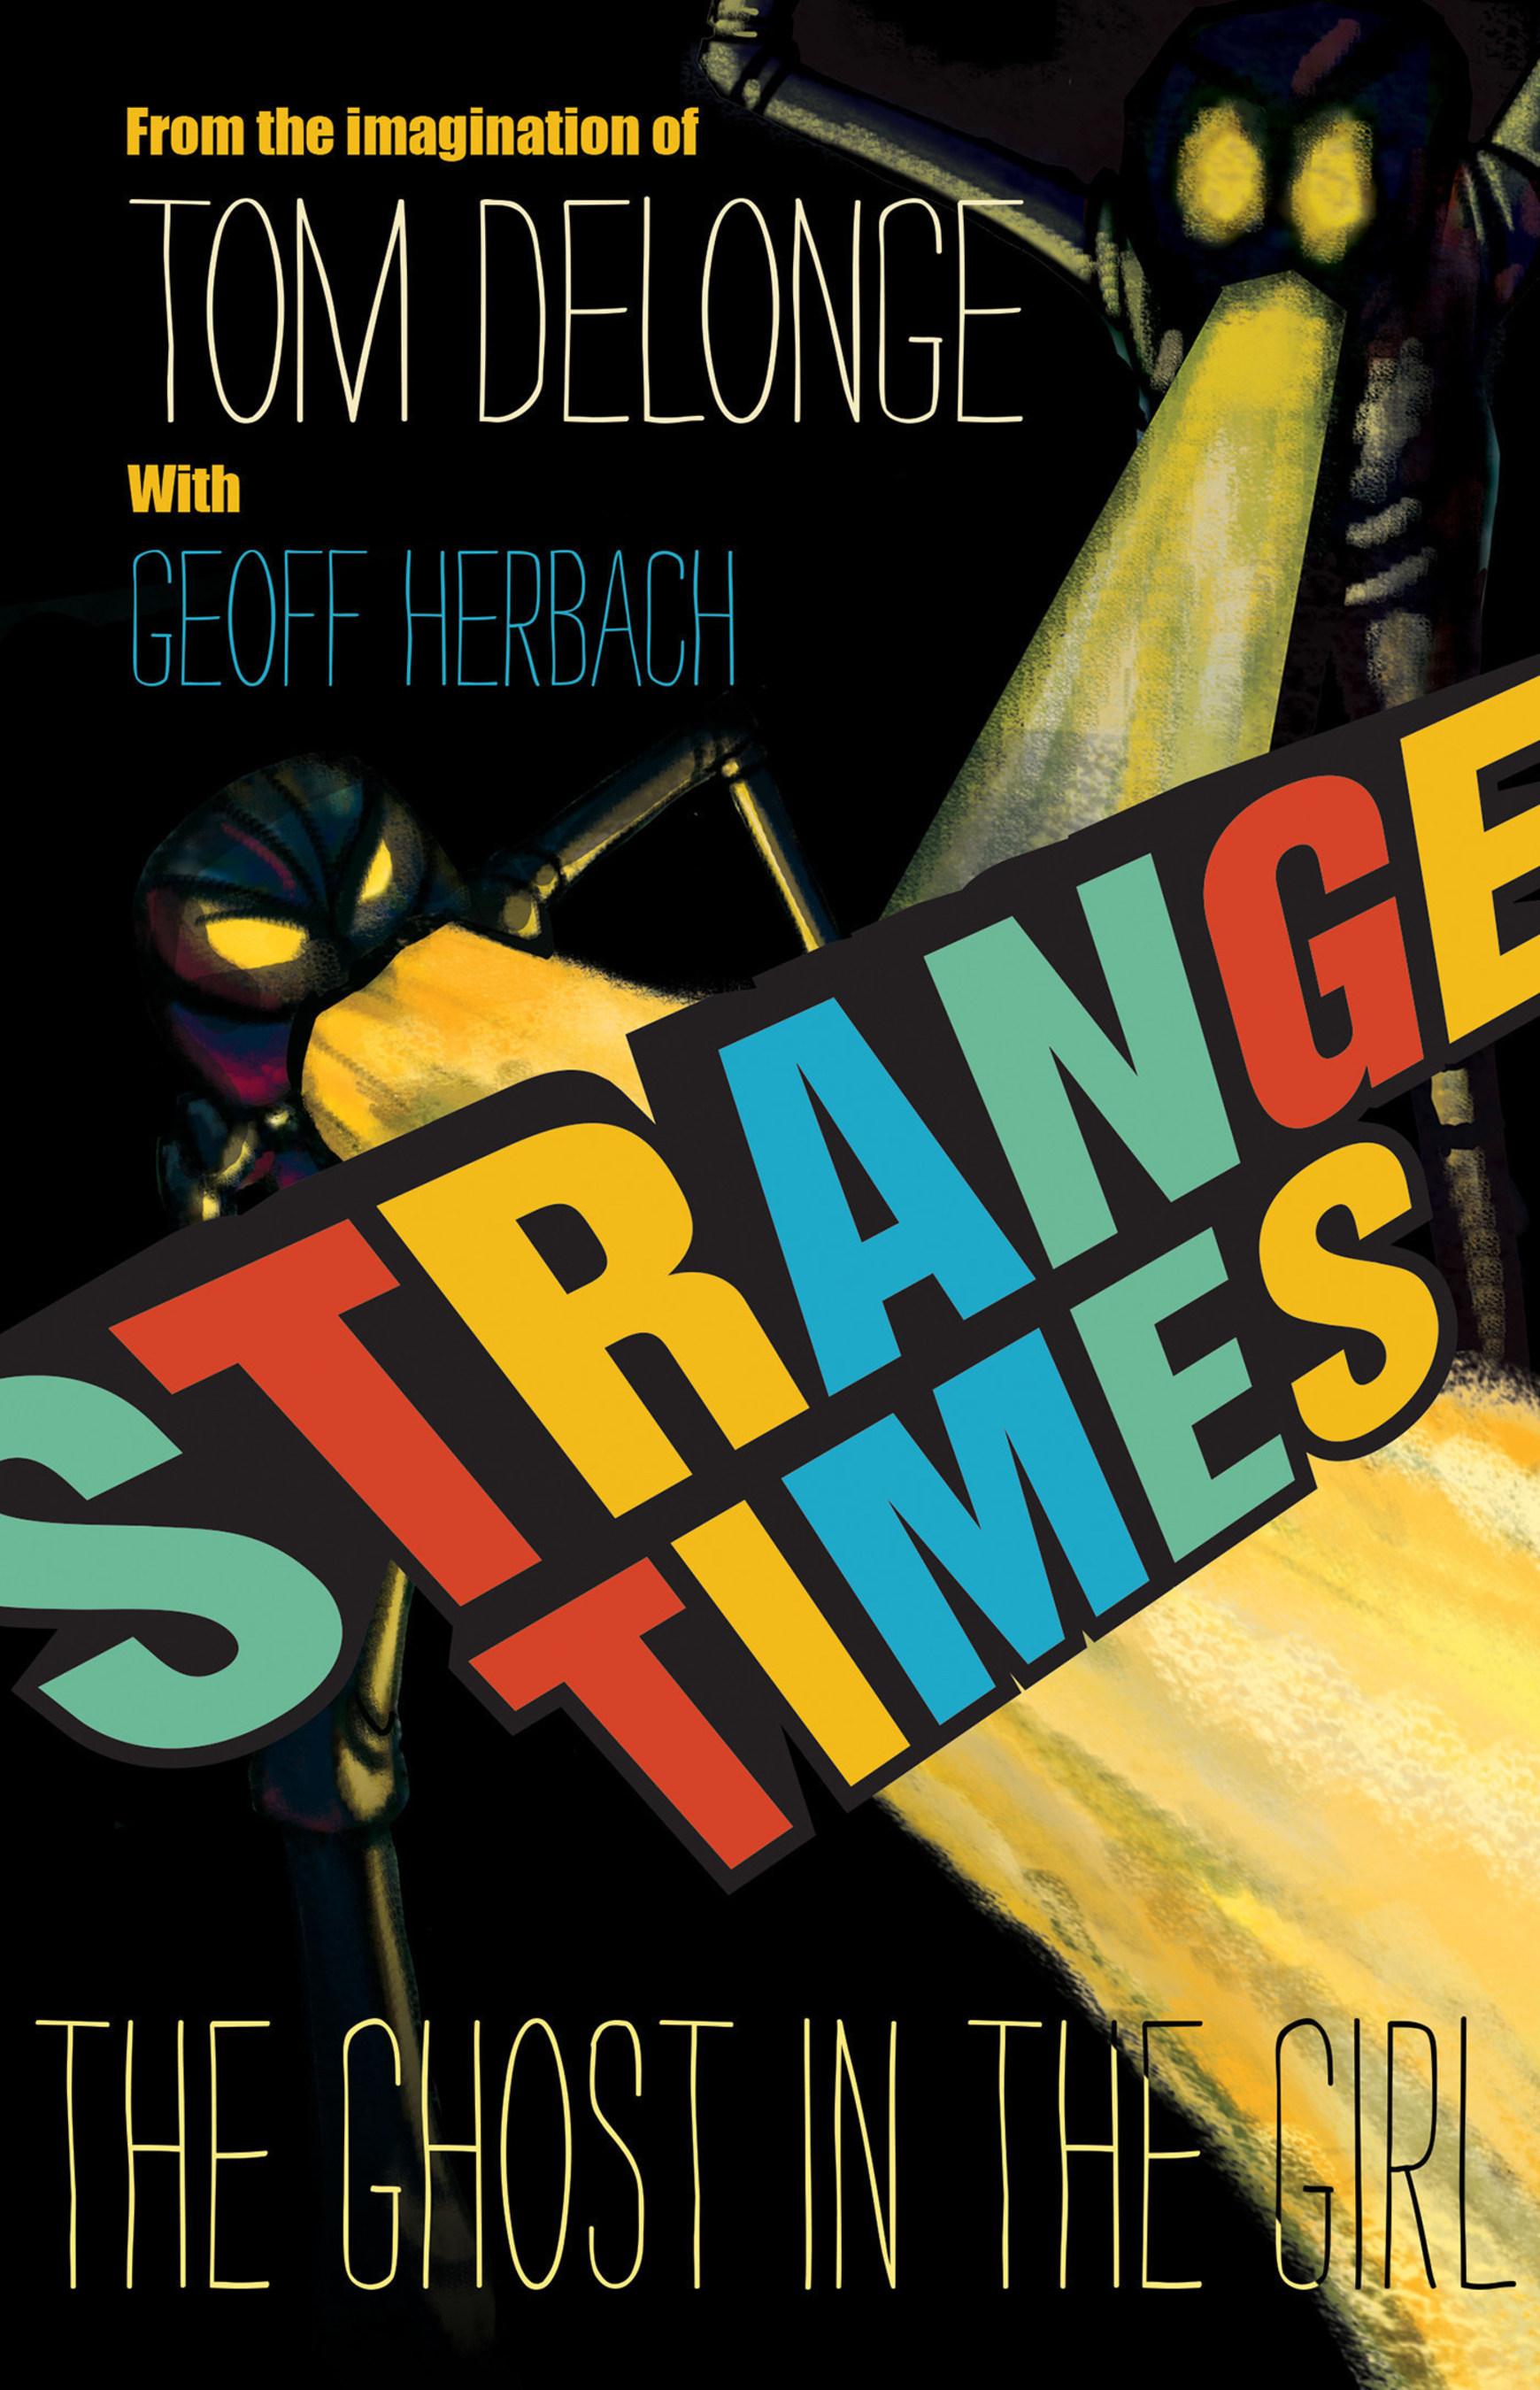 Tom Delonge Releases New Ya Novel Series For Multi Media Franchise